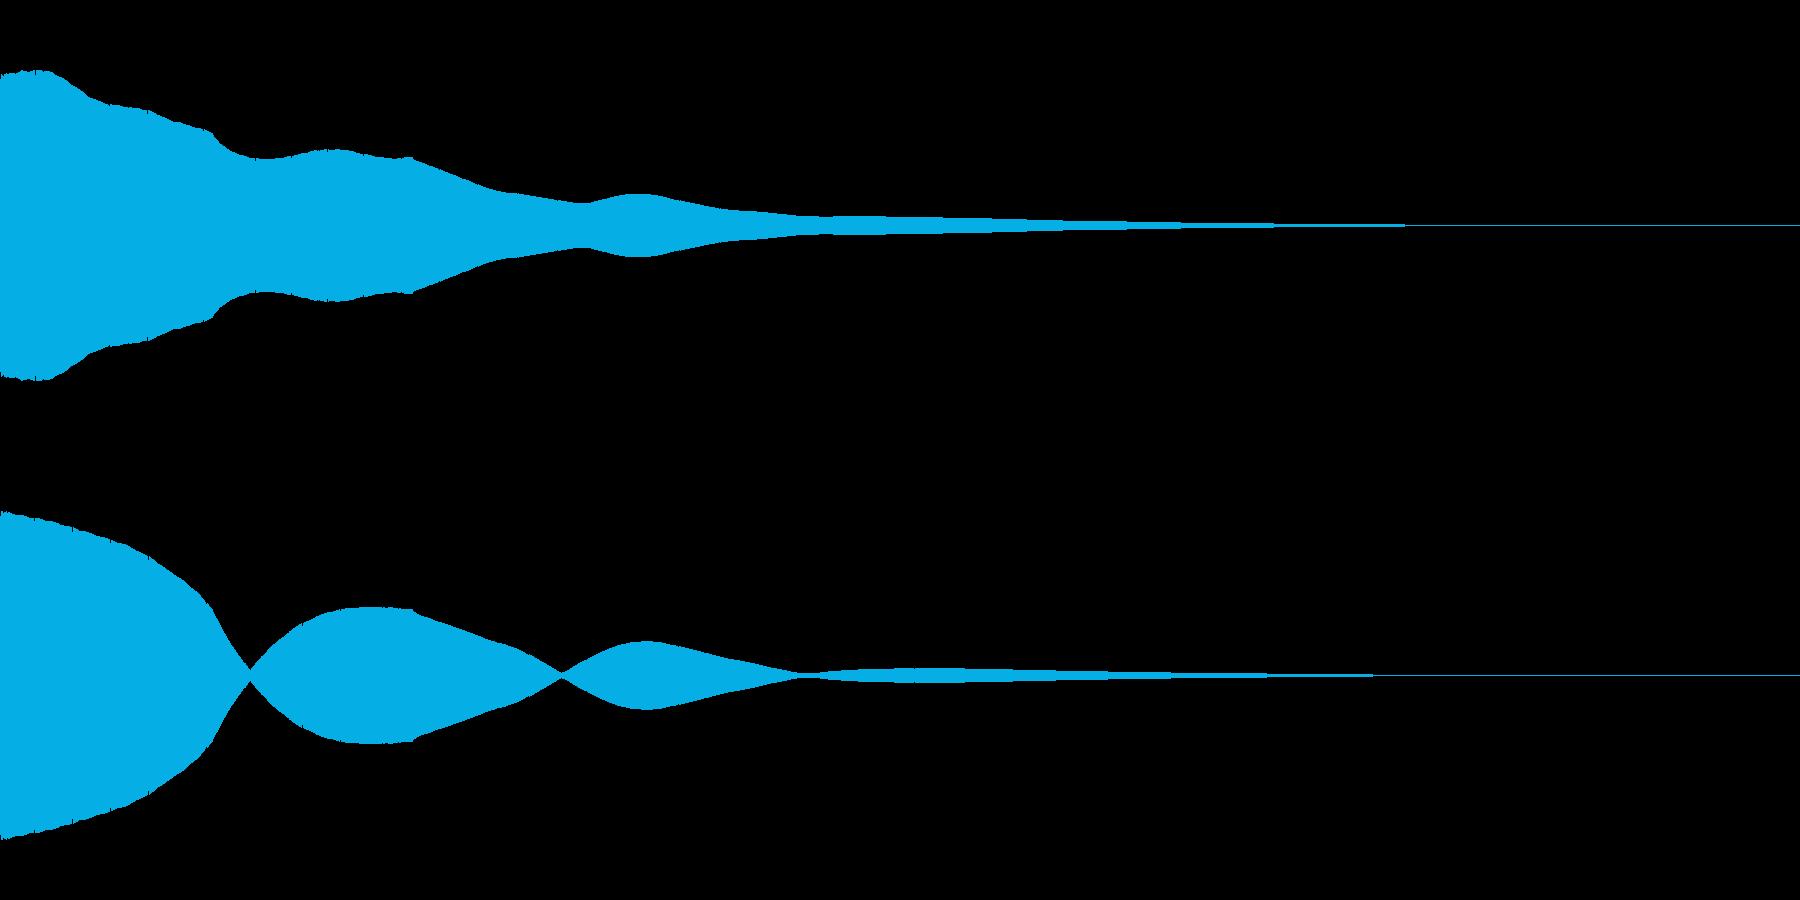 決定/ボタン押下音(ピッ)の再生済みの波形